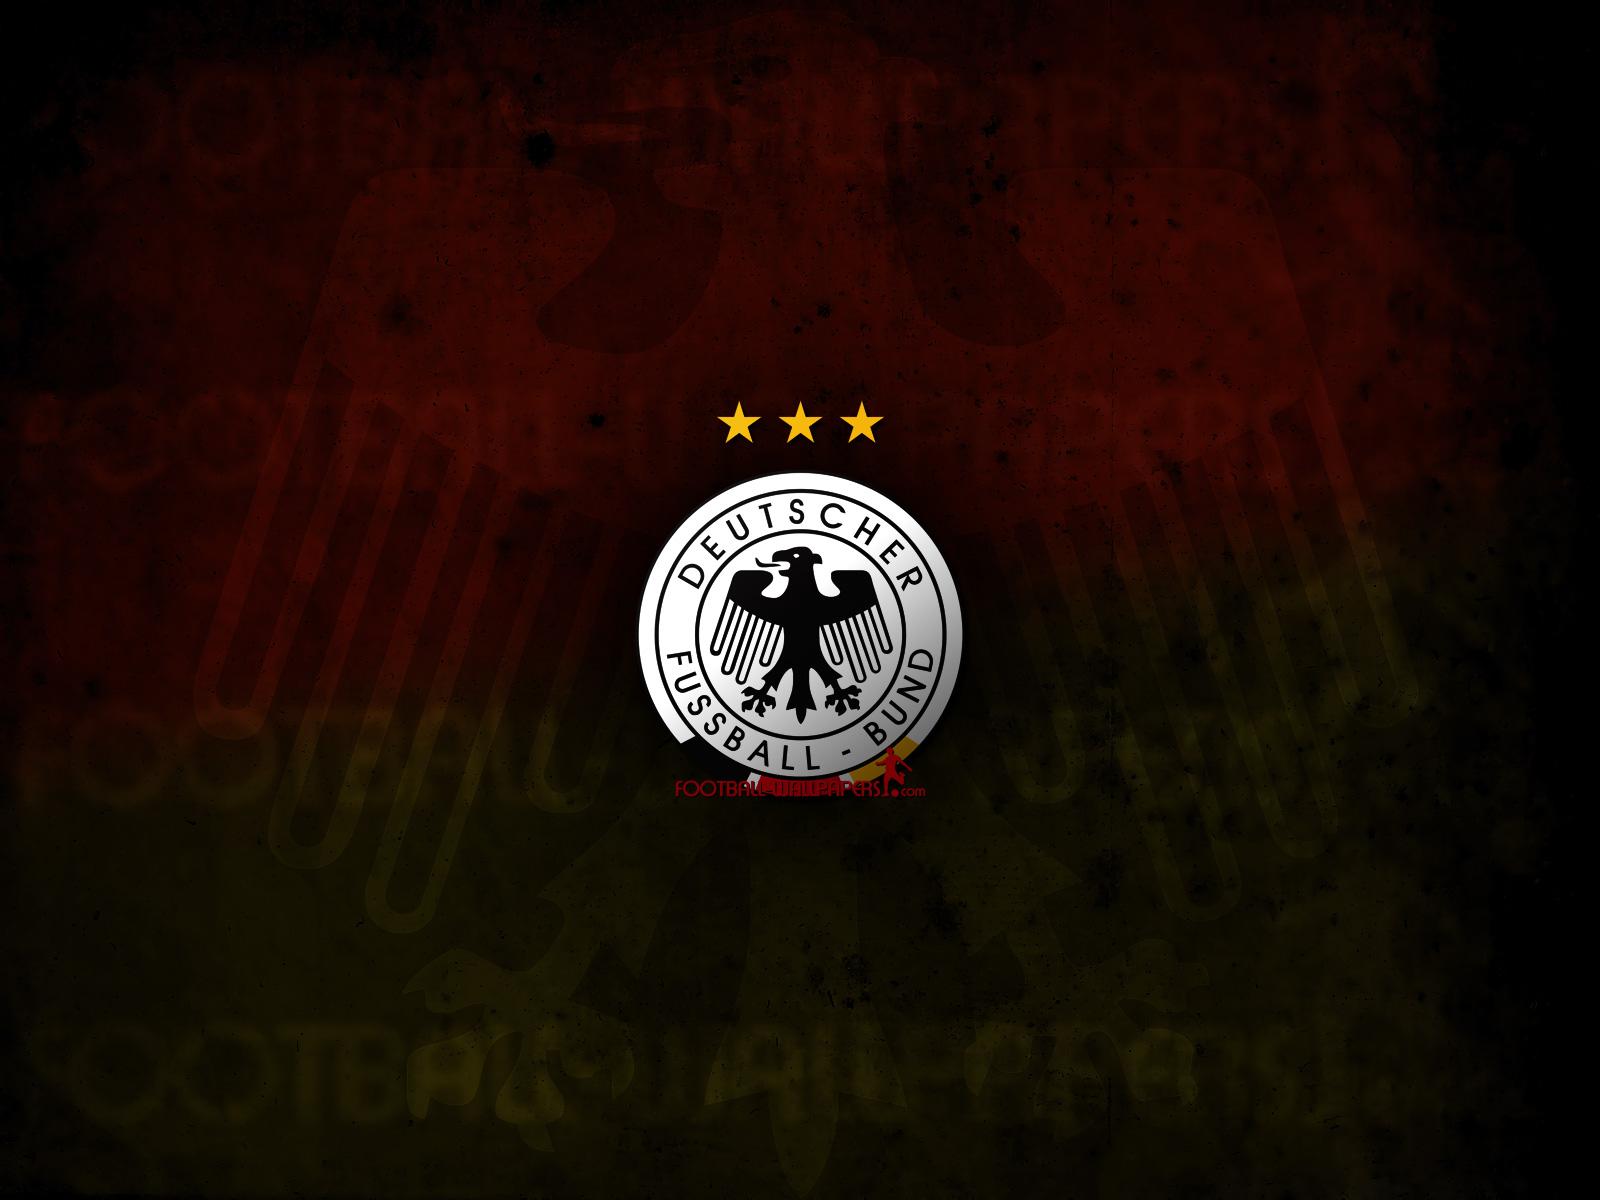 German National Football Team Wallpapers Die Mannschaft 1600x1200